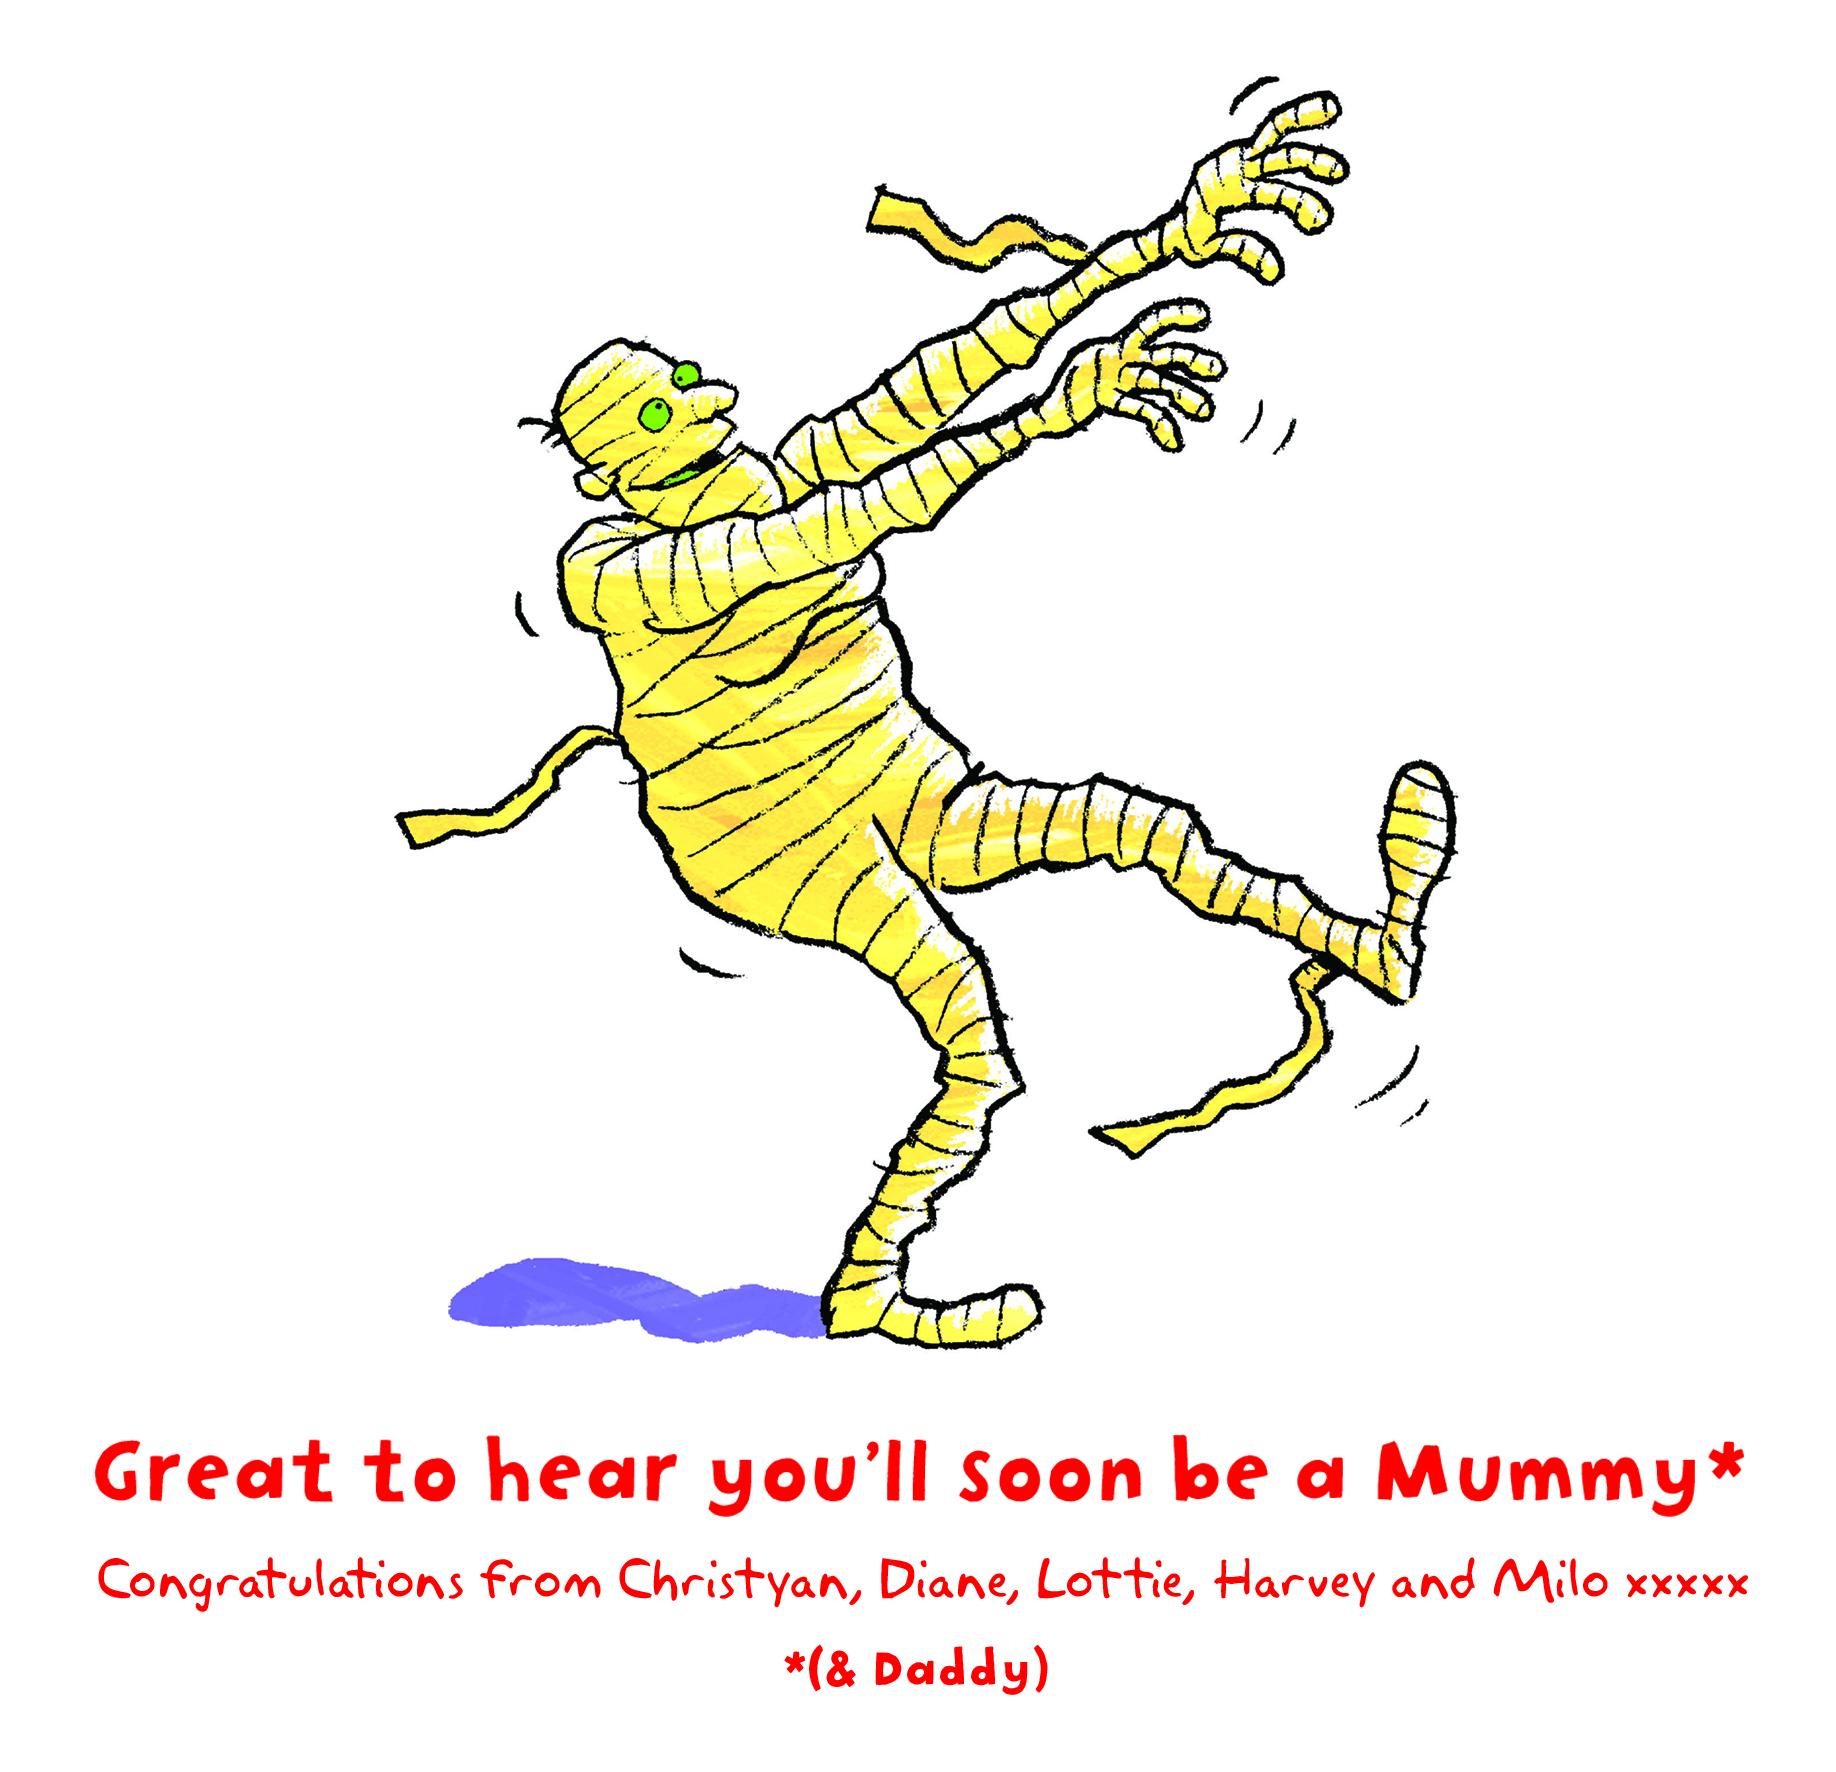 Mummy card copy.jpg